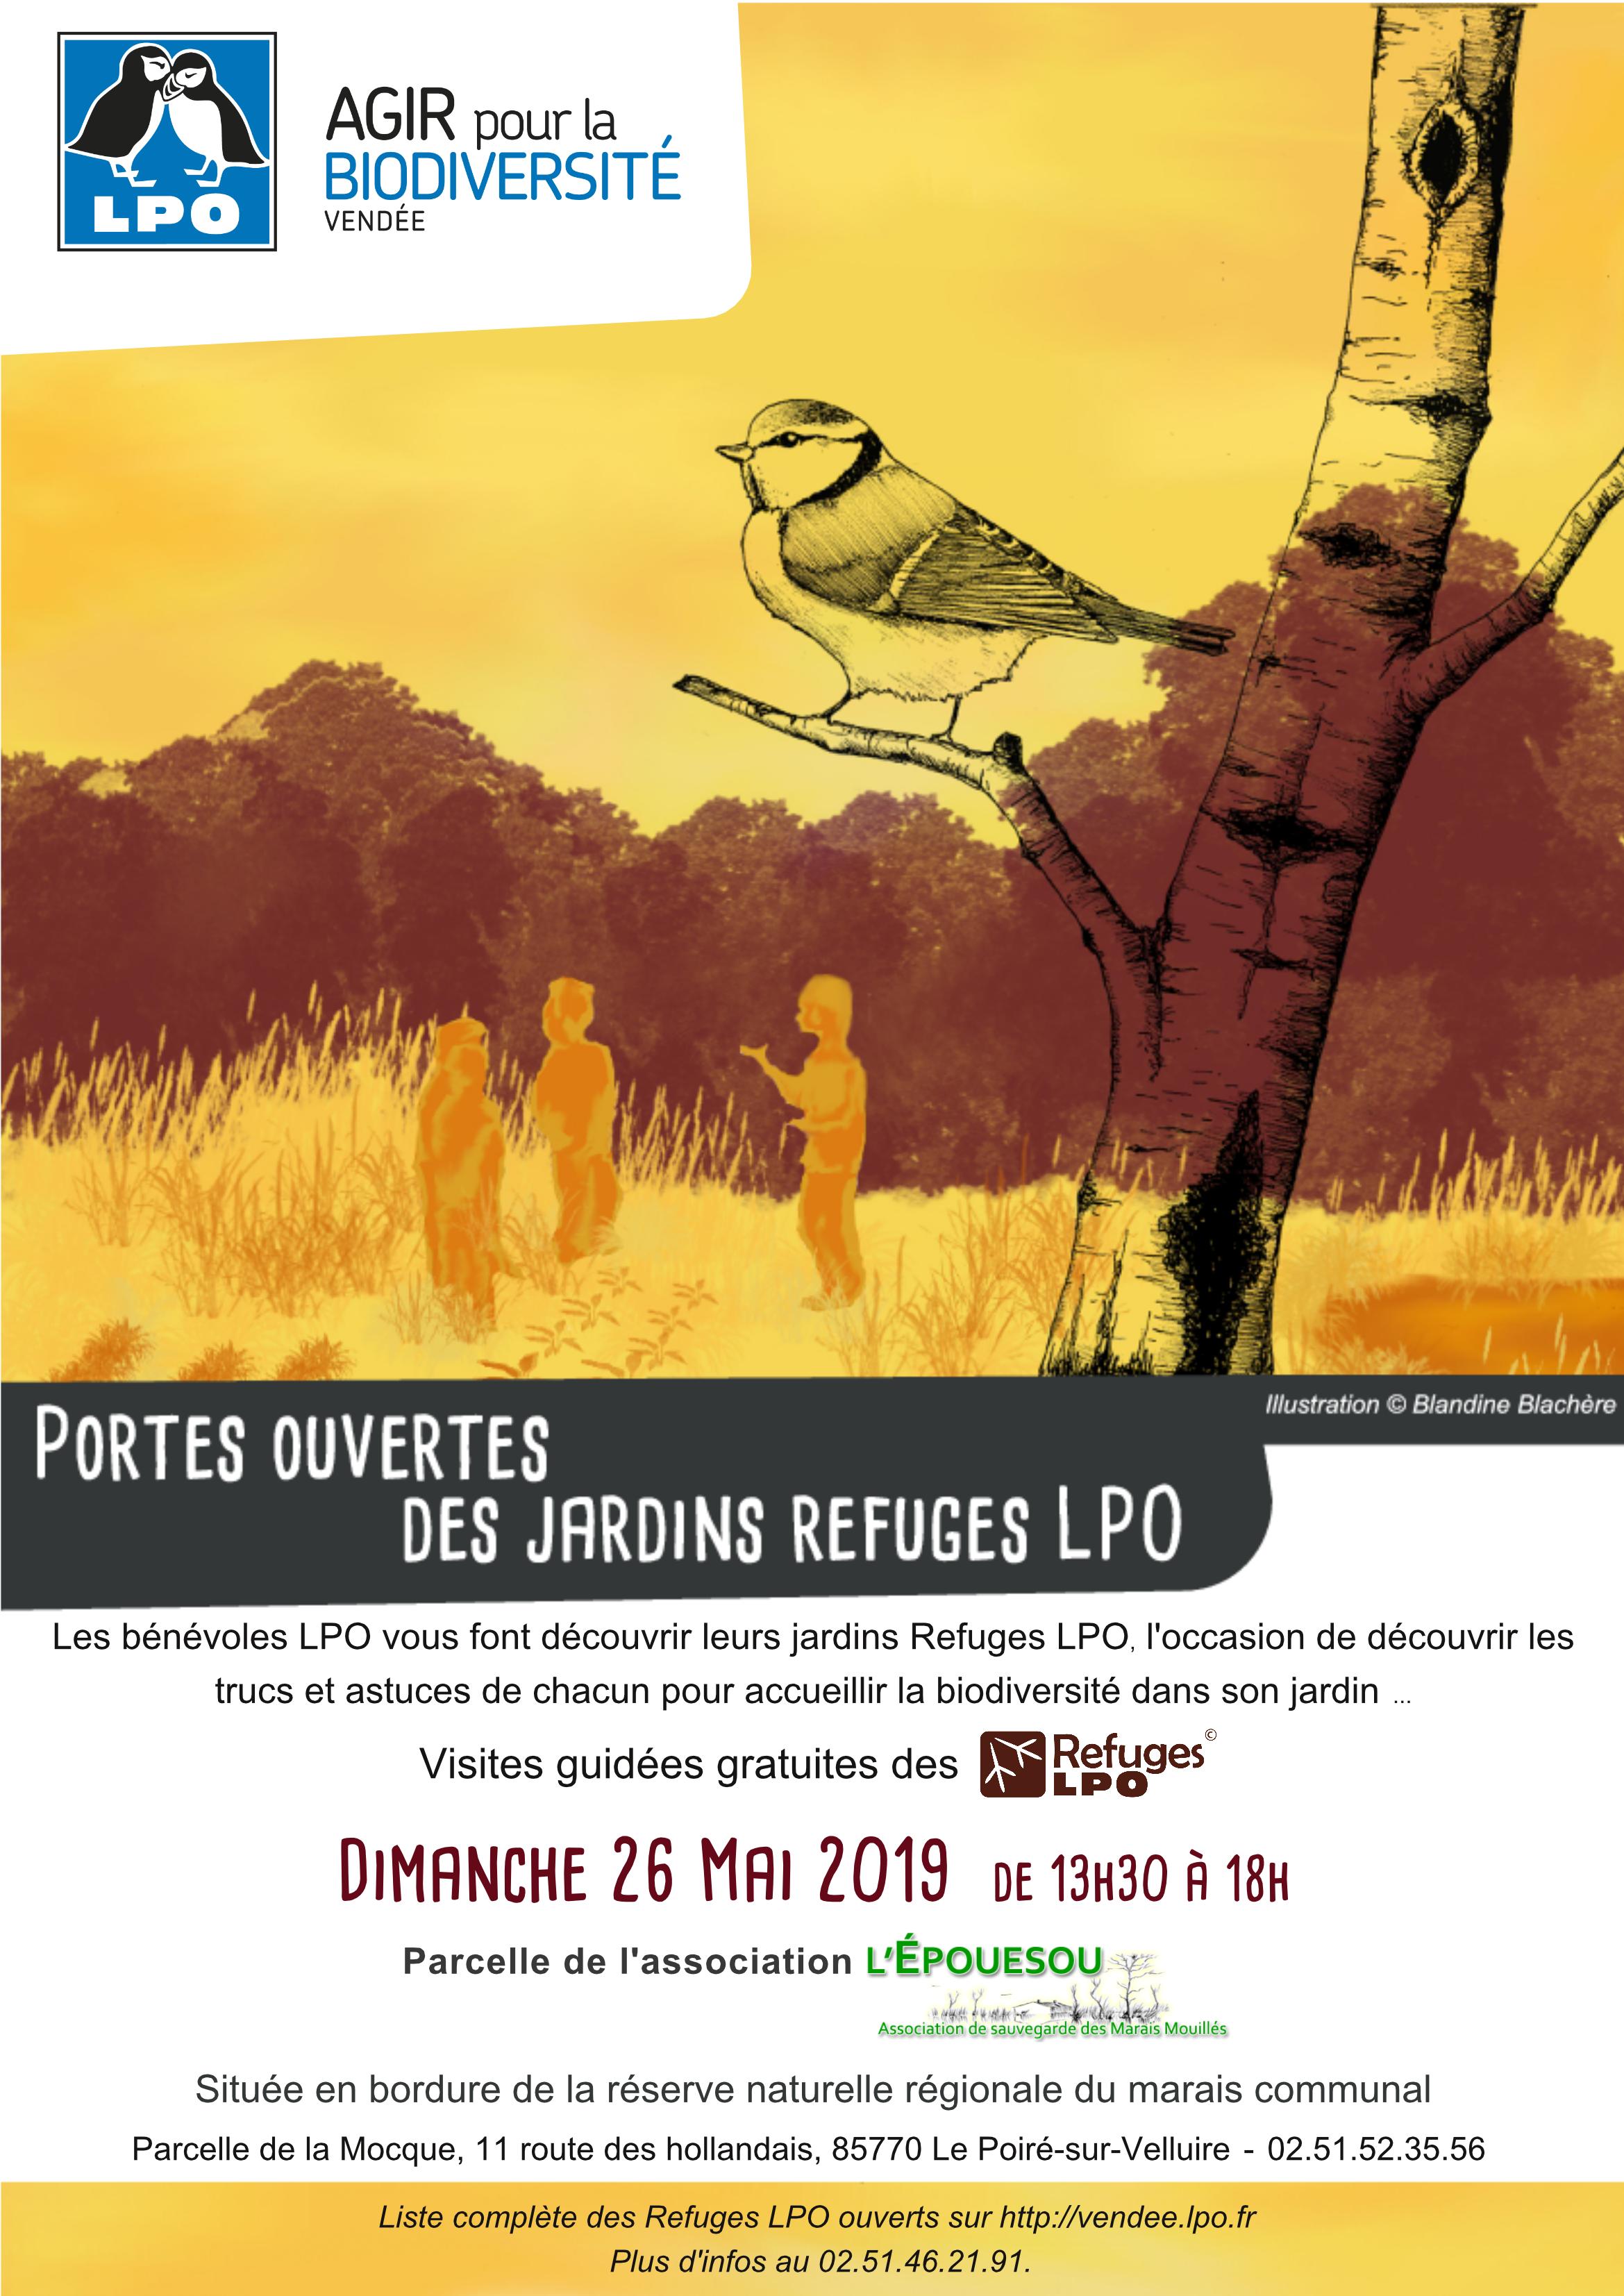 Portes ouvertes du Refuges LPO de l'association l'Epouésou